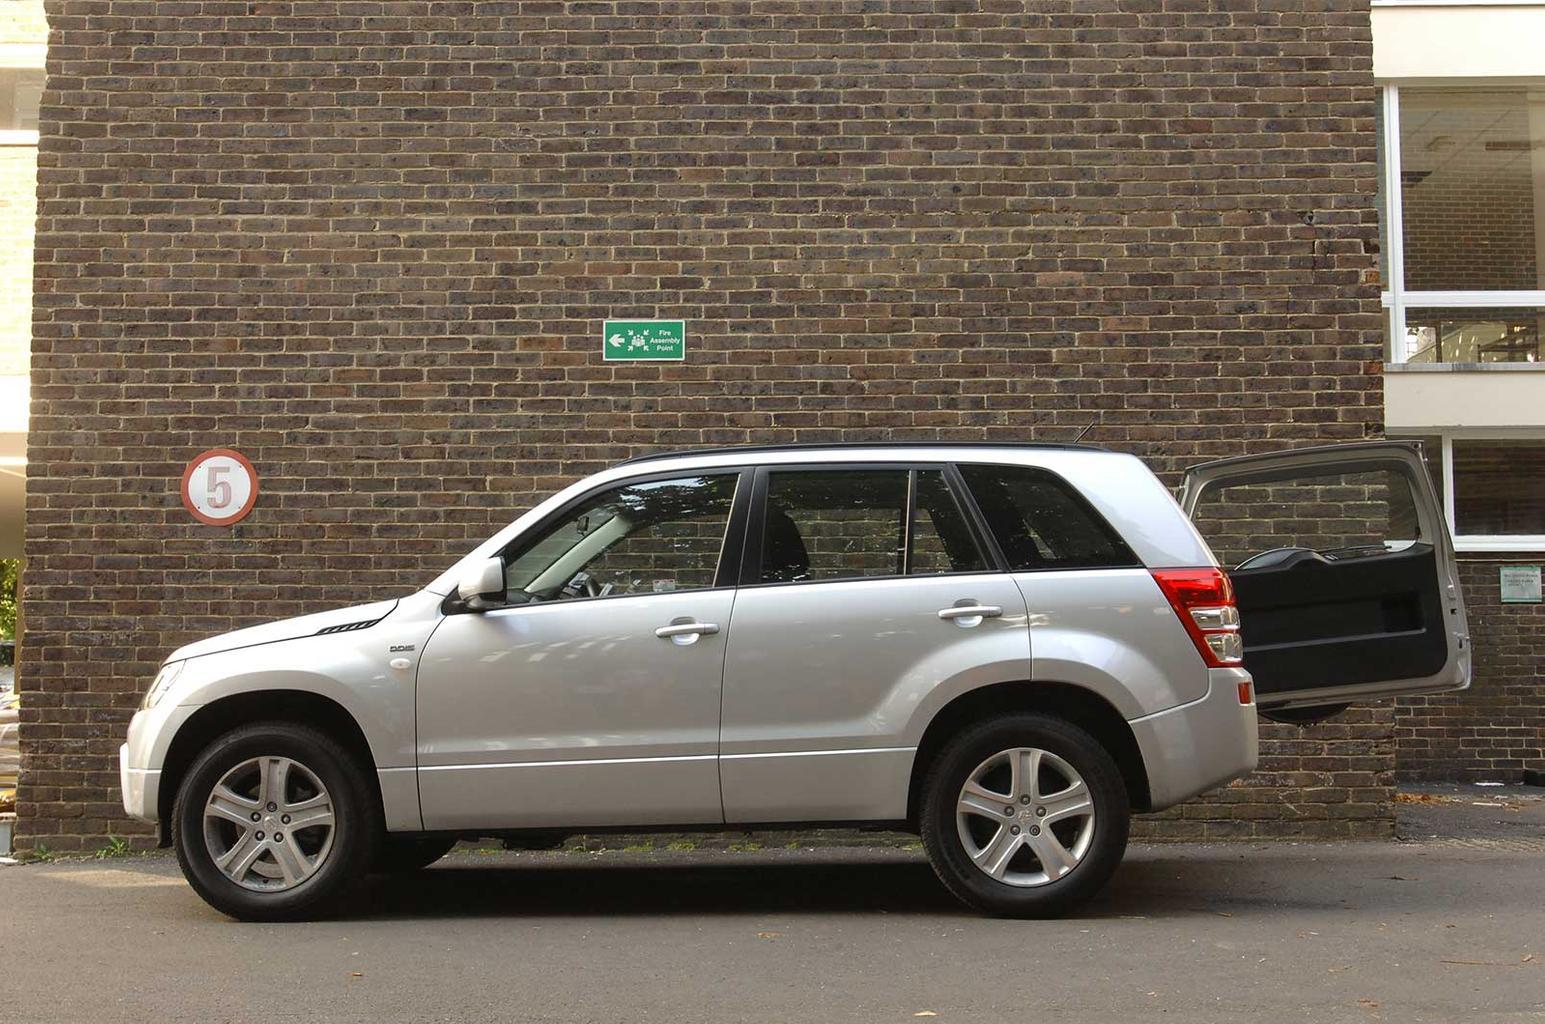 Used car of the week: Suzuki Grand Vitara